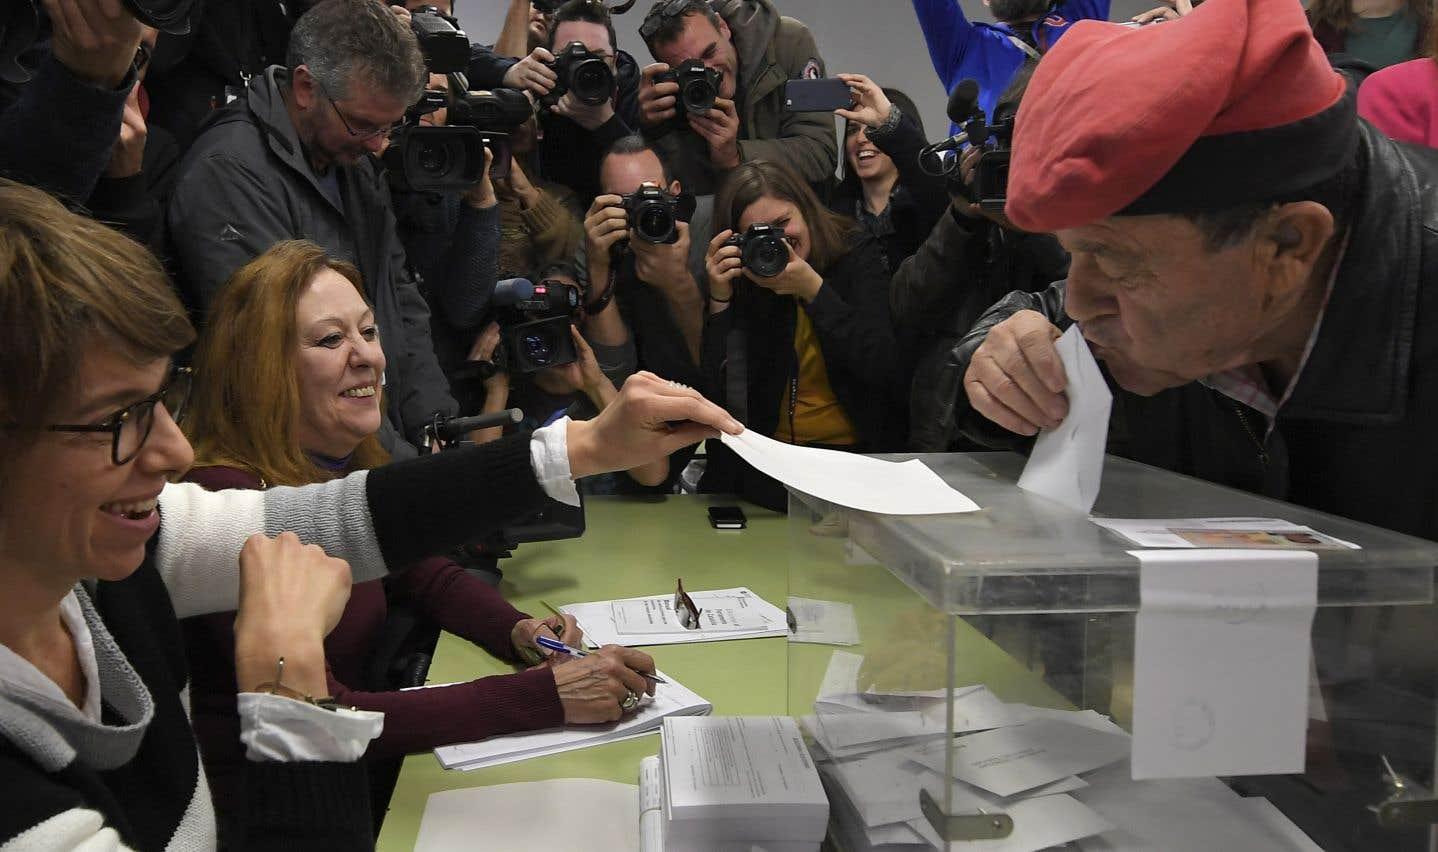 Mobilisés, les citoyens catalans ont formé des files d'attente devant les bureaux de vote dès la matinée.